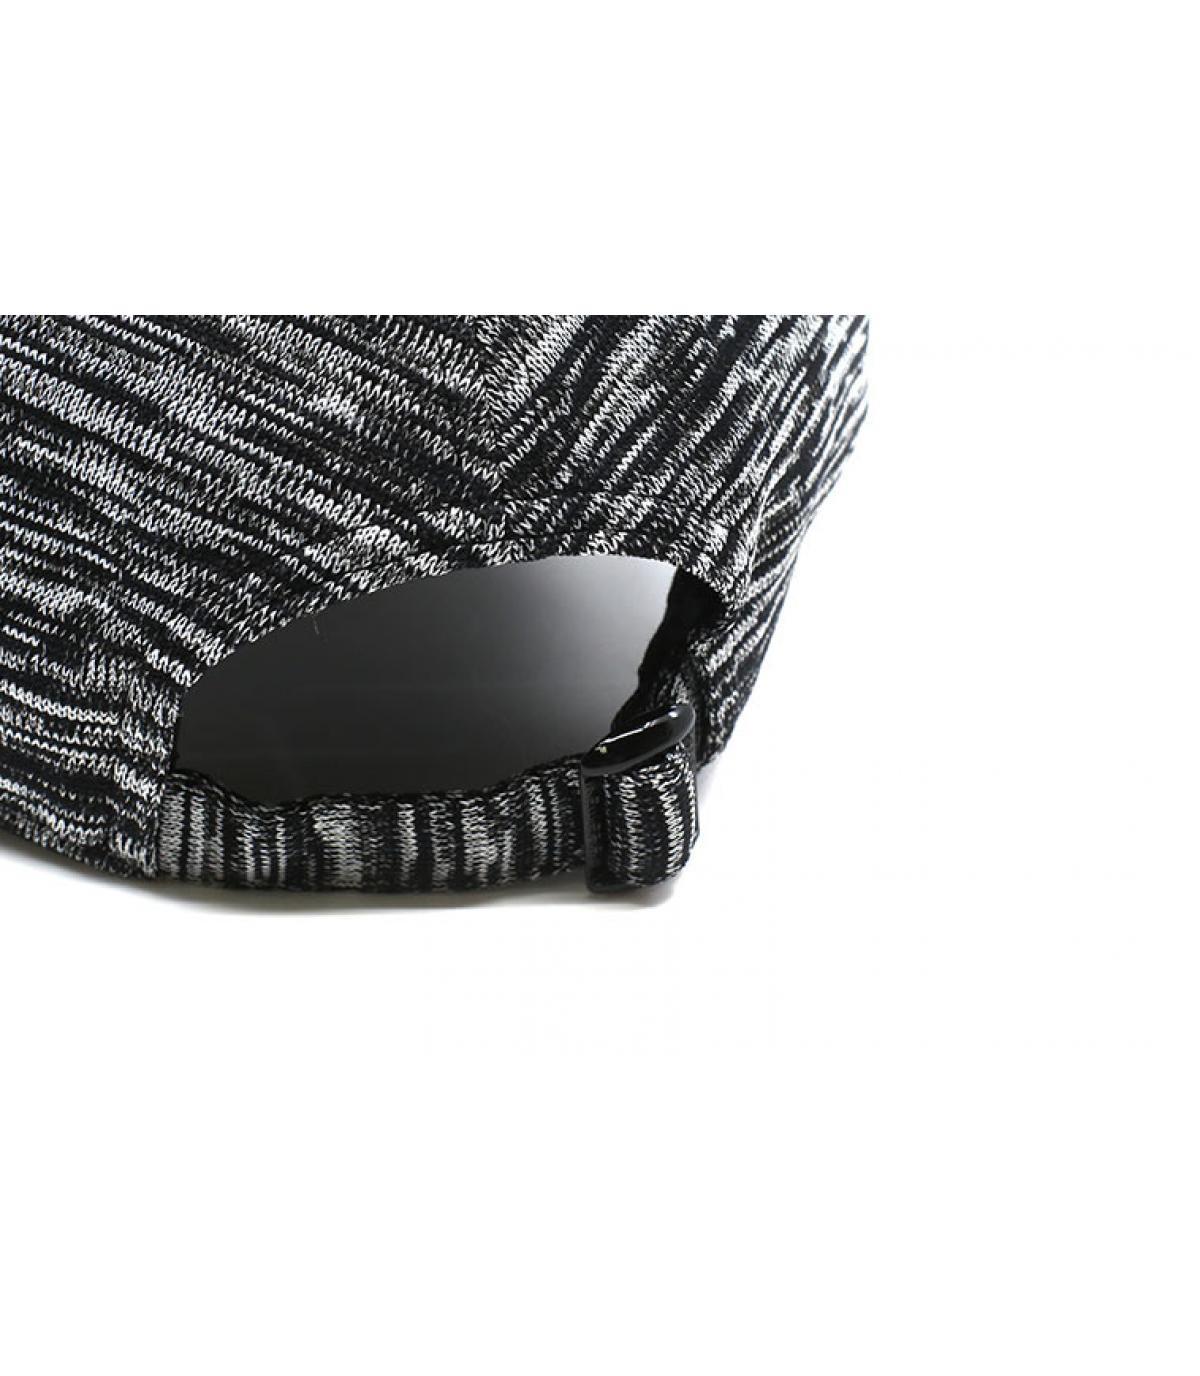 Dettagli Engineered Fit LA 9Forty black - image 5